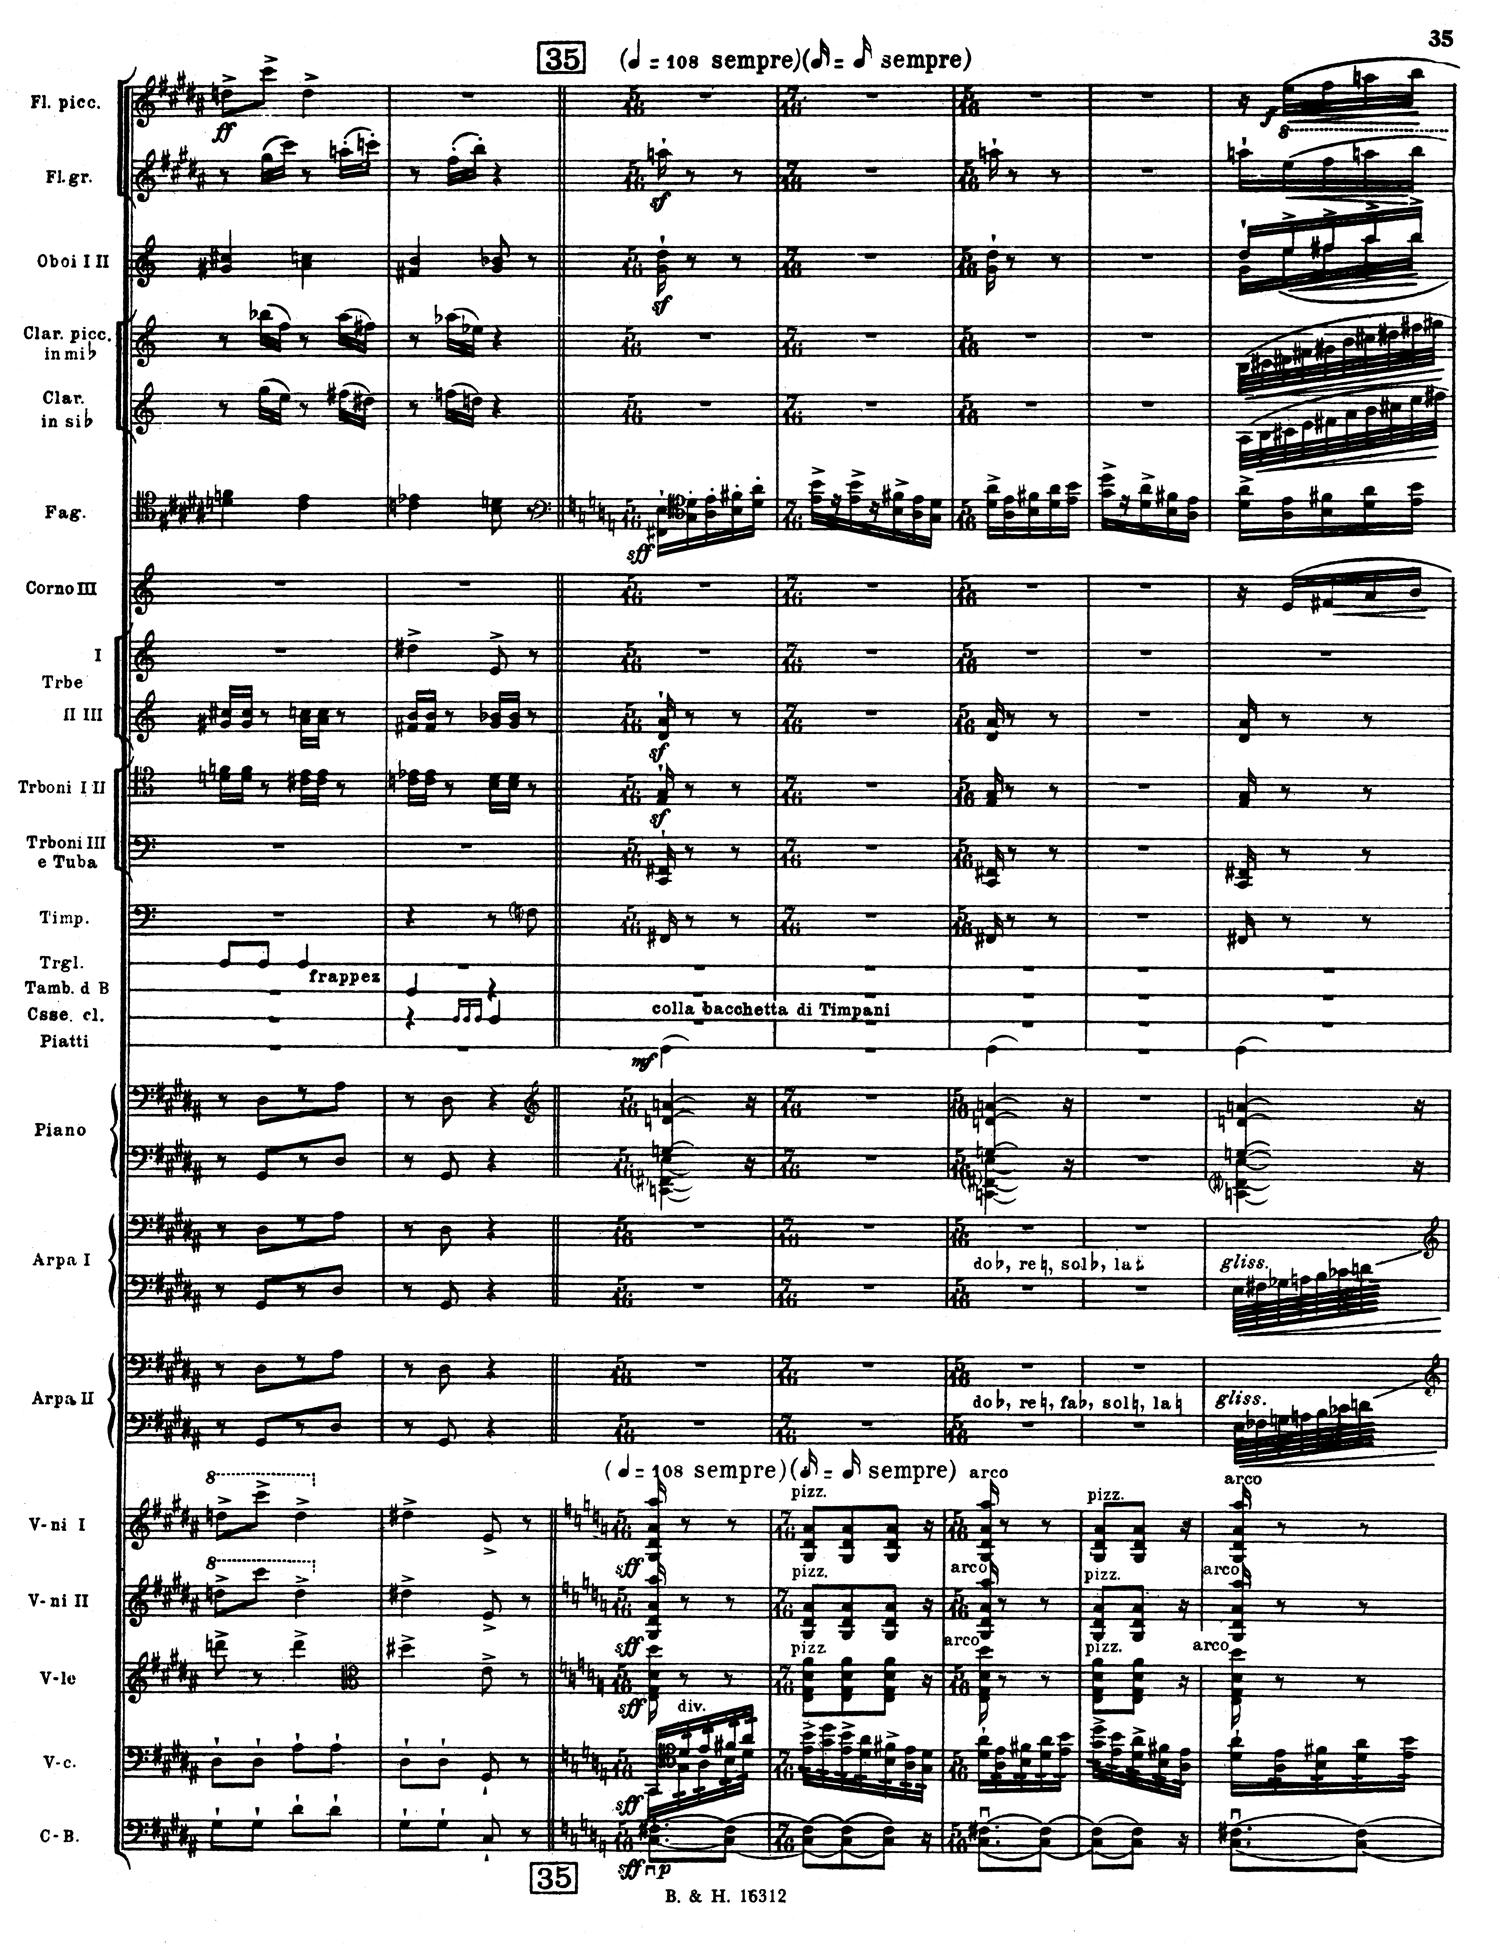 Nightingale Score 3.jpg